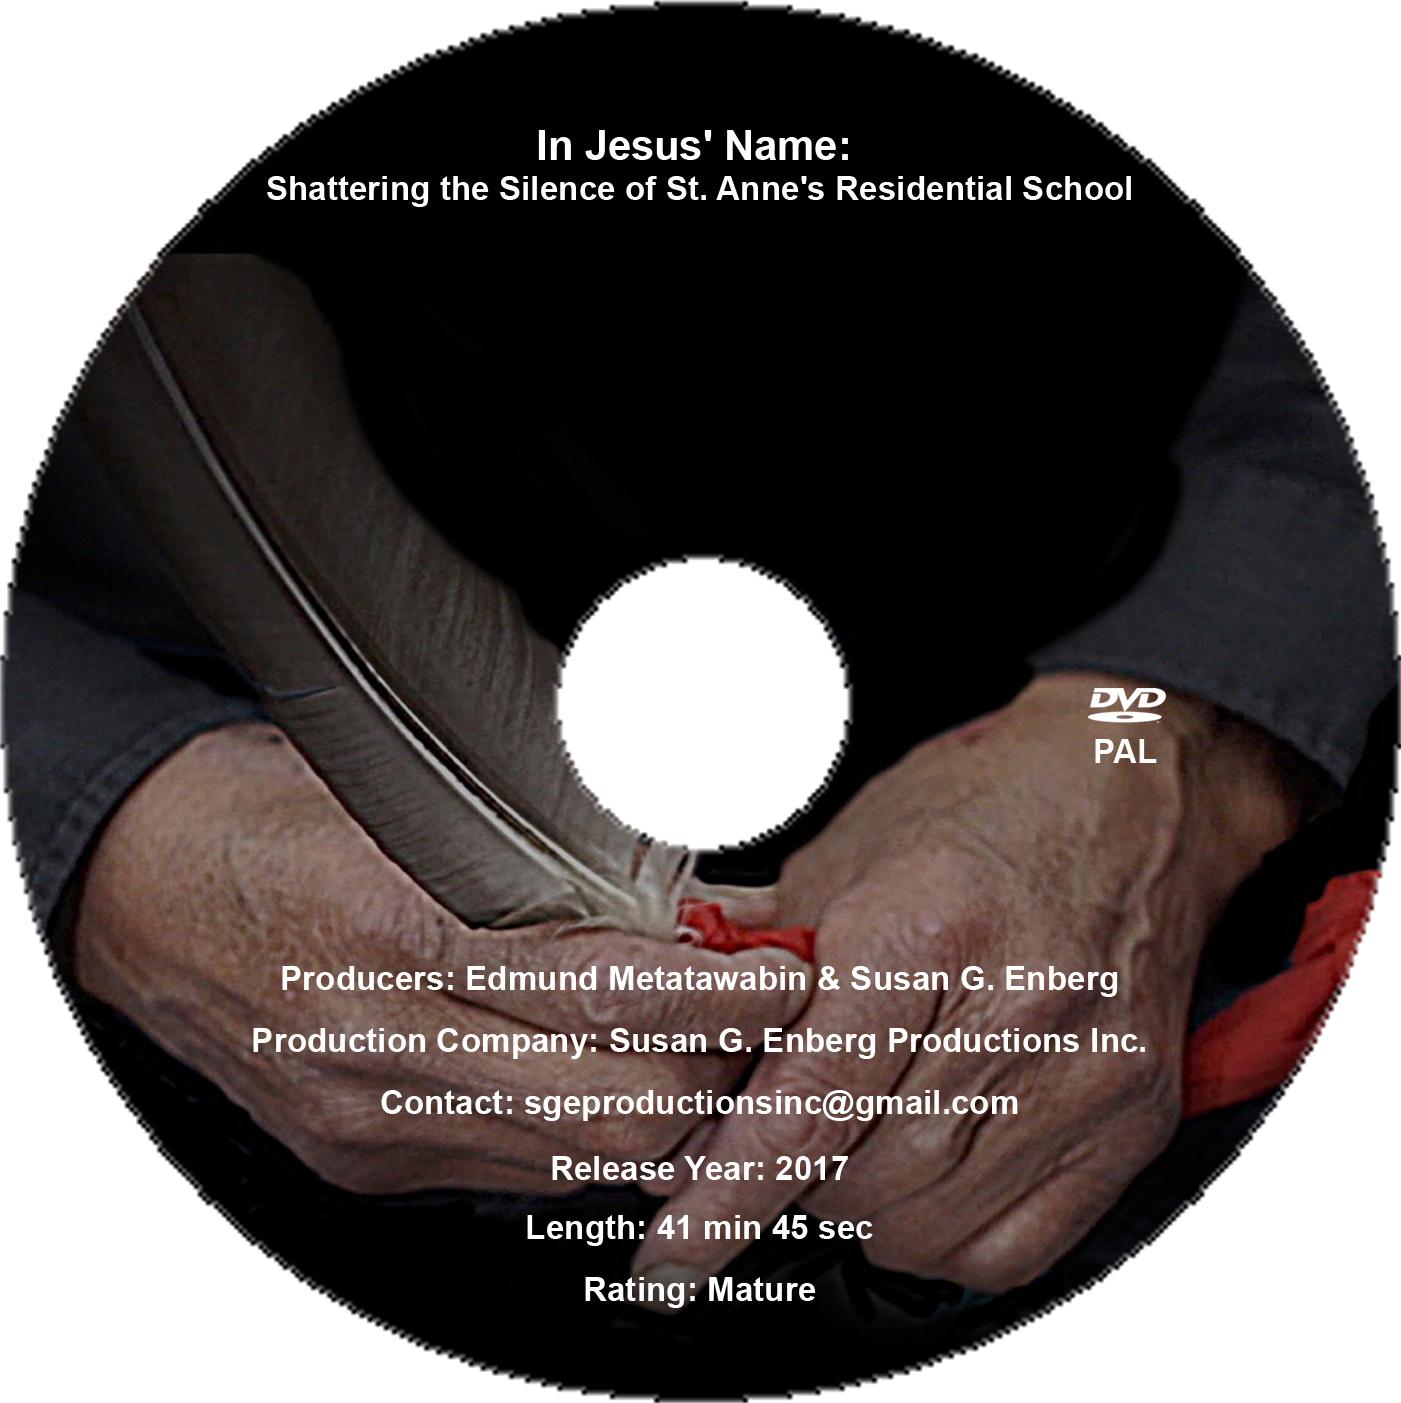 IJN DVD